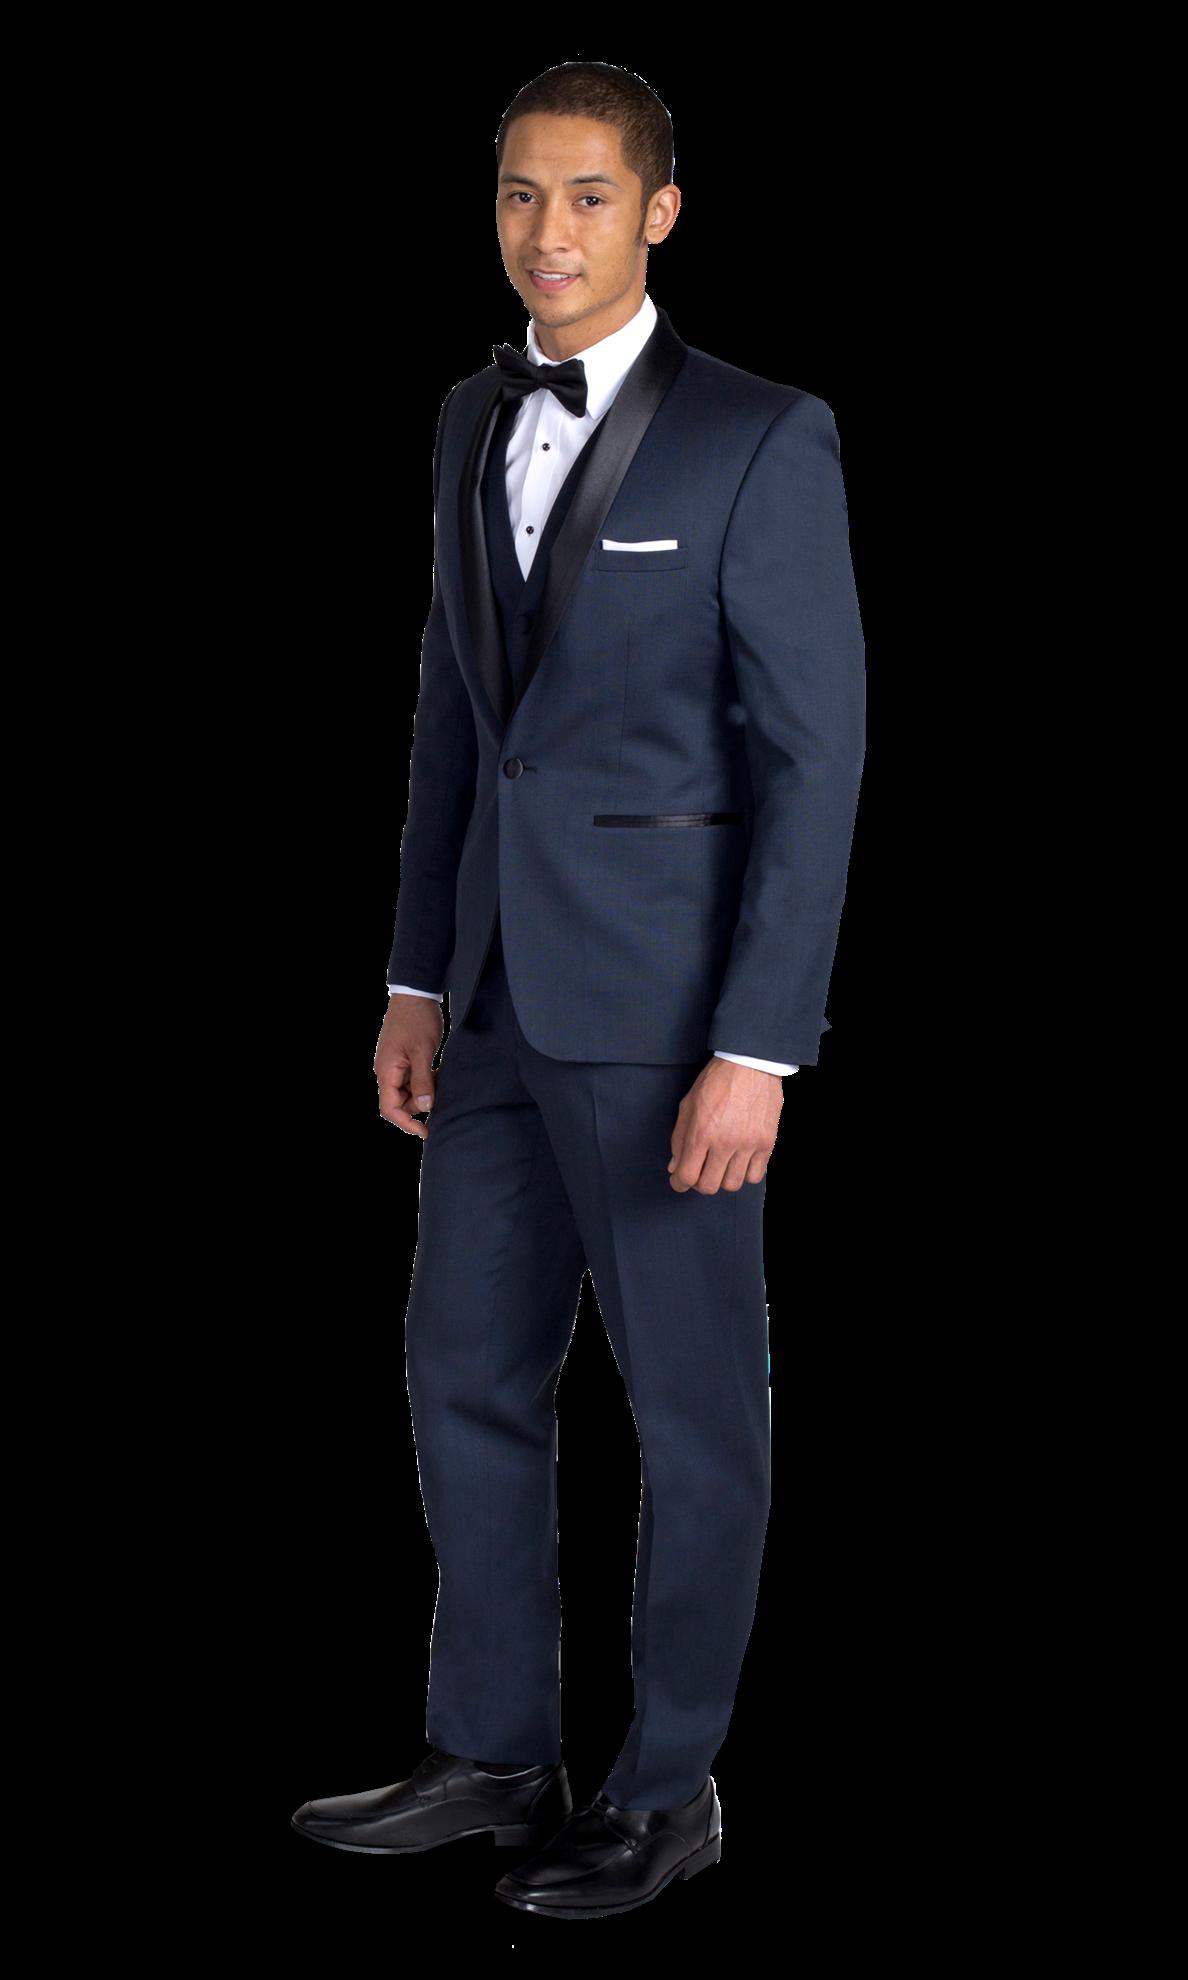 Tuxedo Man PNG - 83054